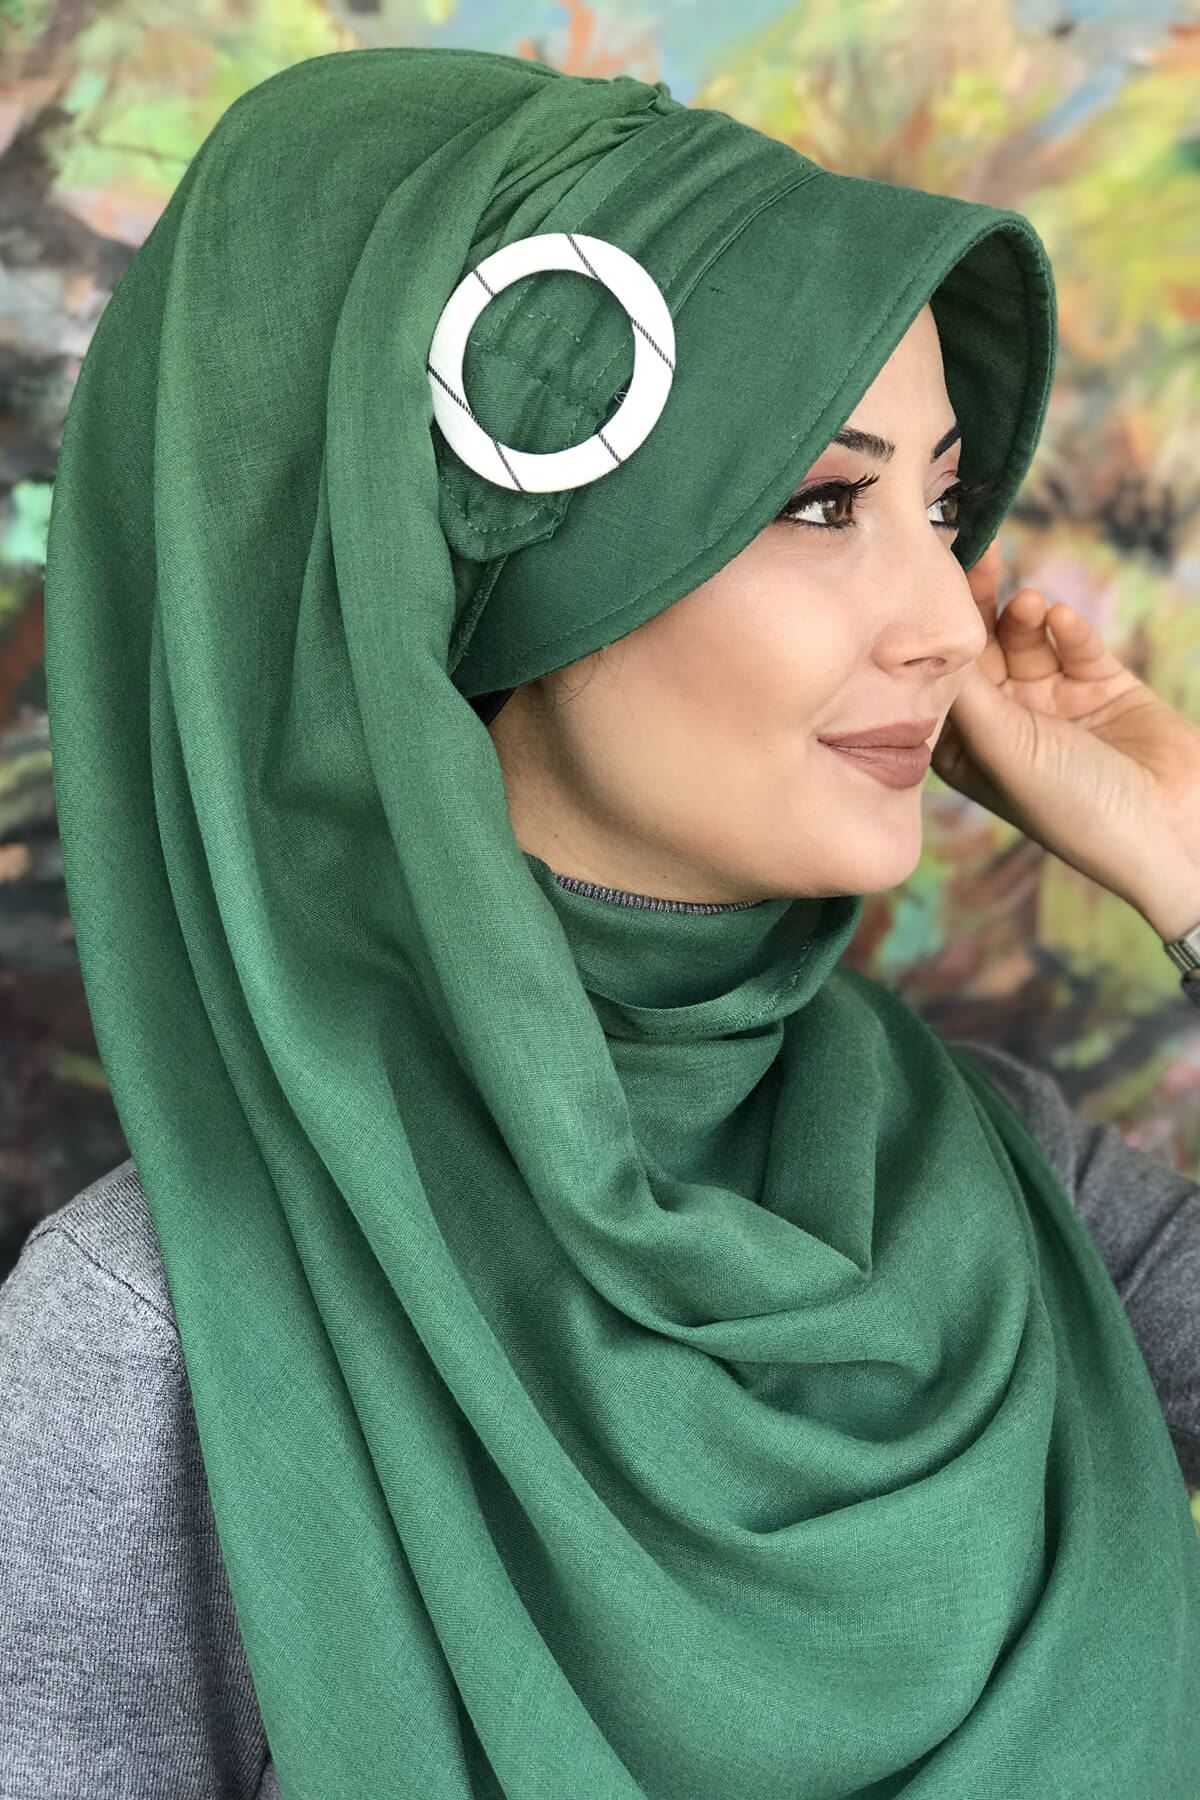 Zümrüt Yeşili Renkli Tokalı Hazır Şapka Şal